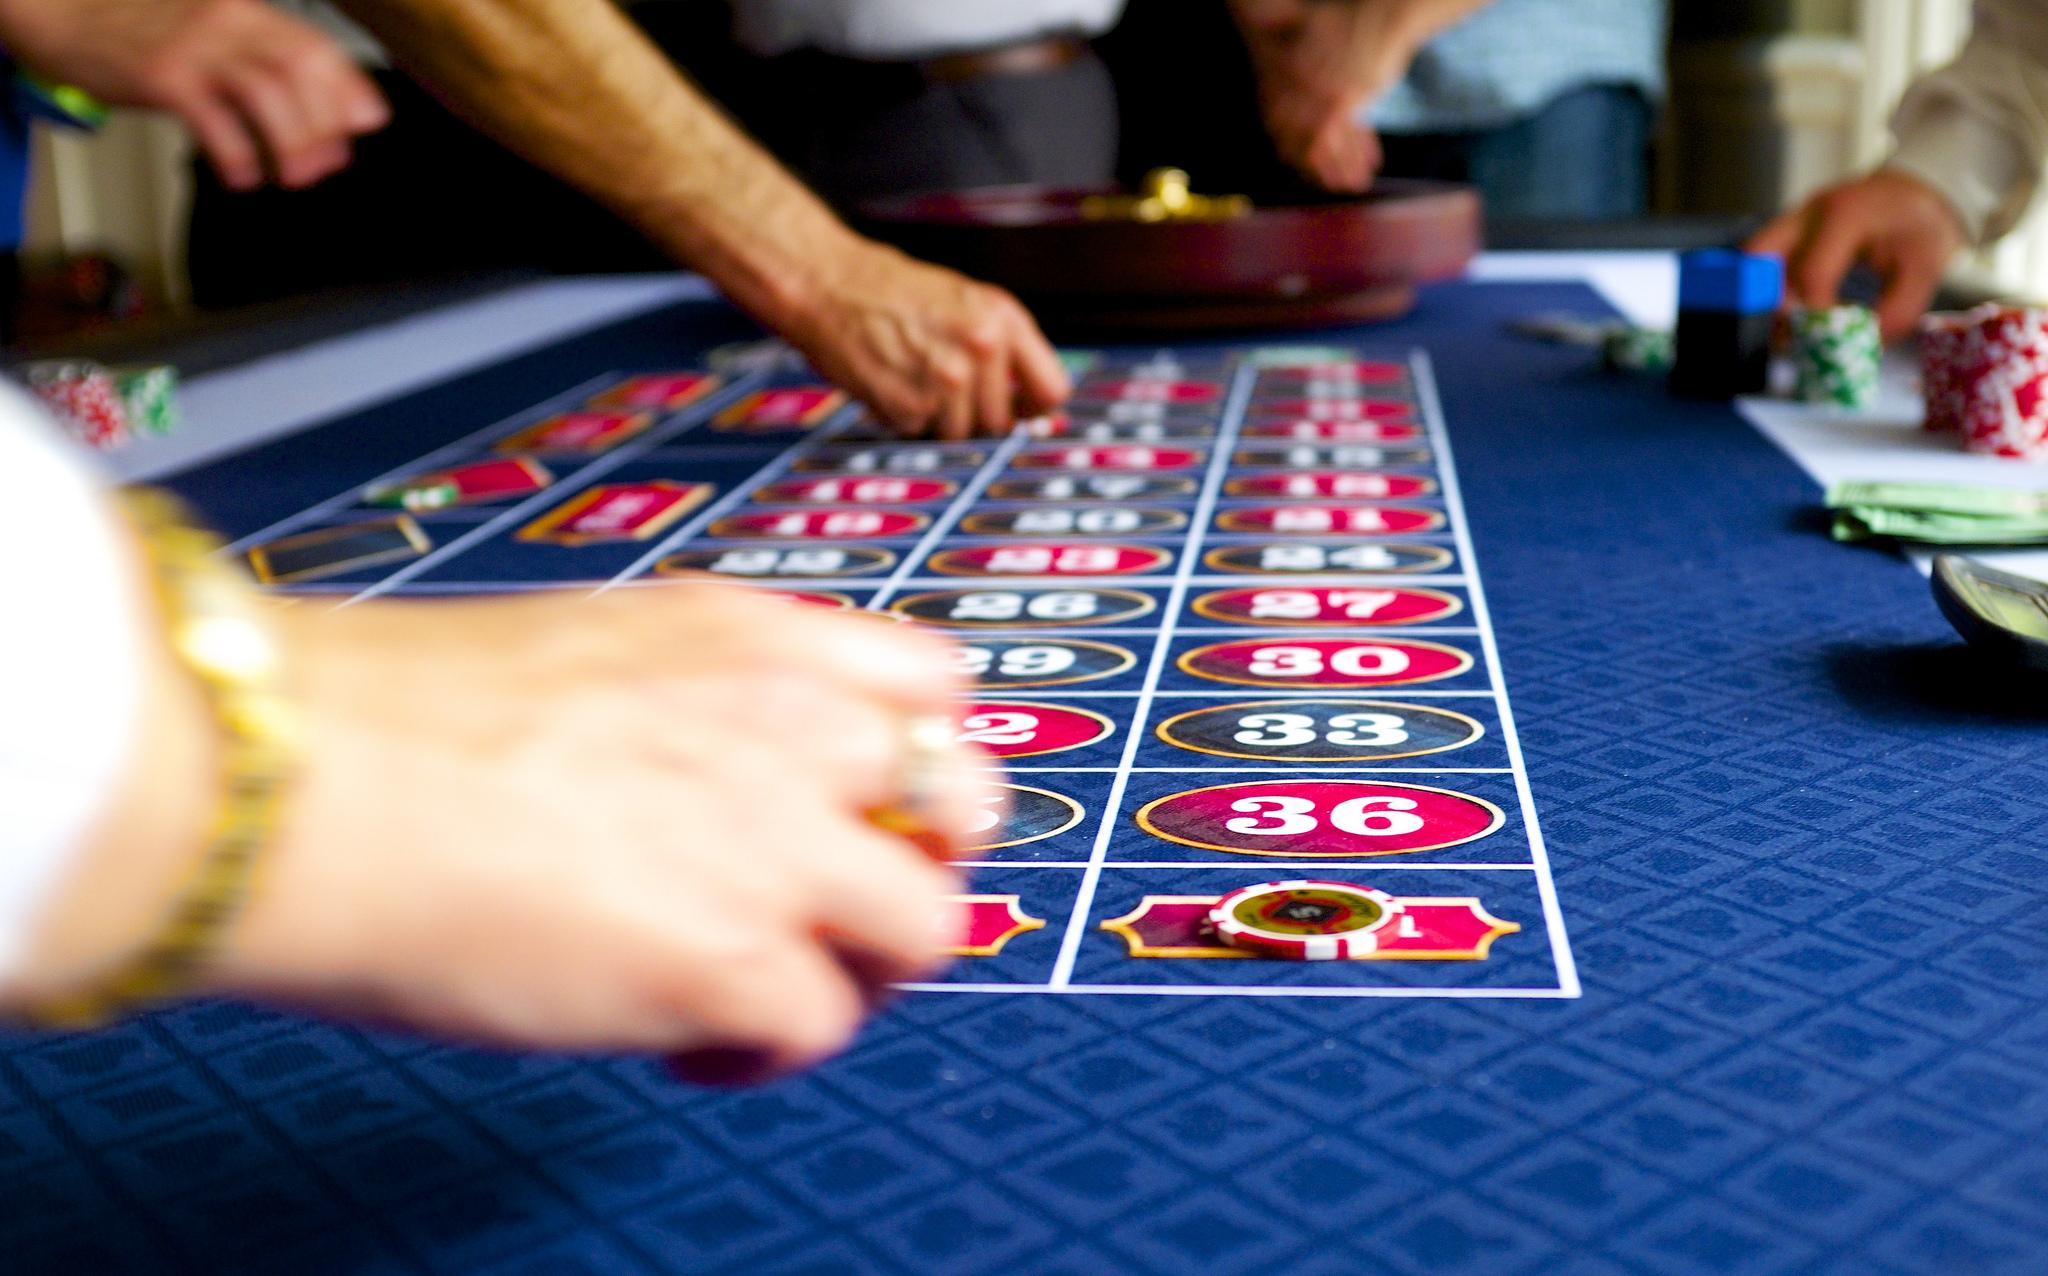 ココモ法のプレイヤーによる賭け事